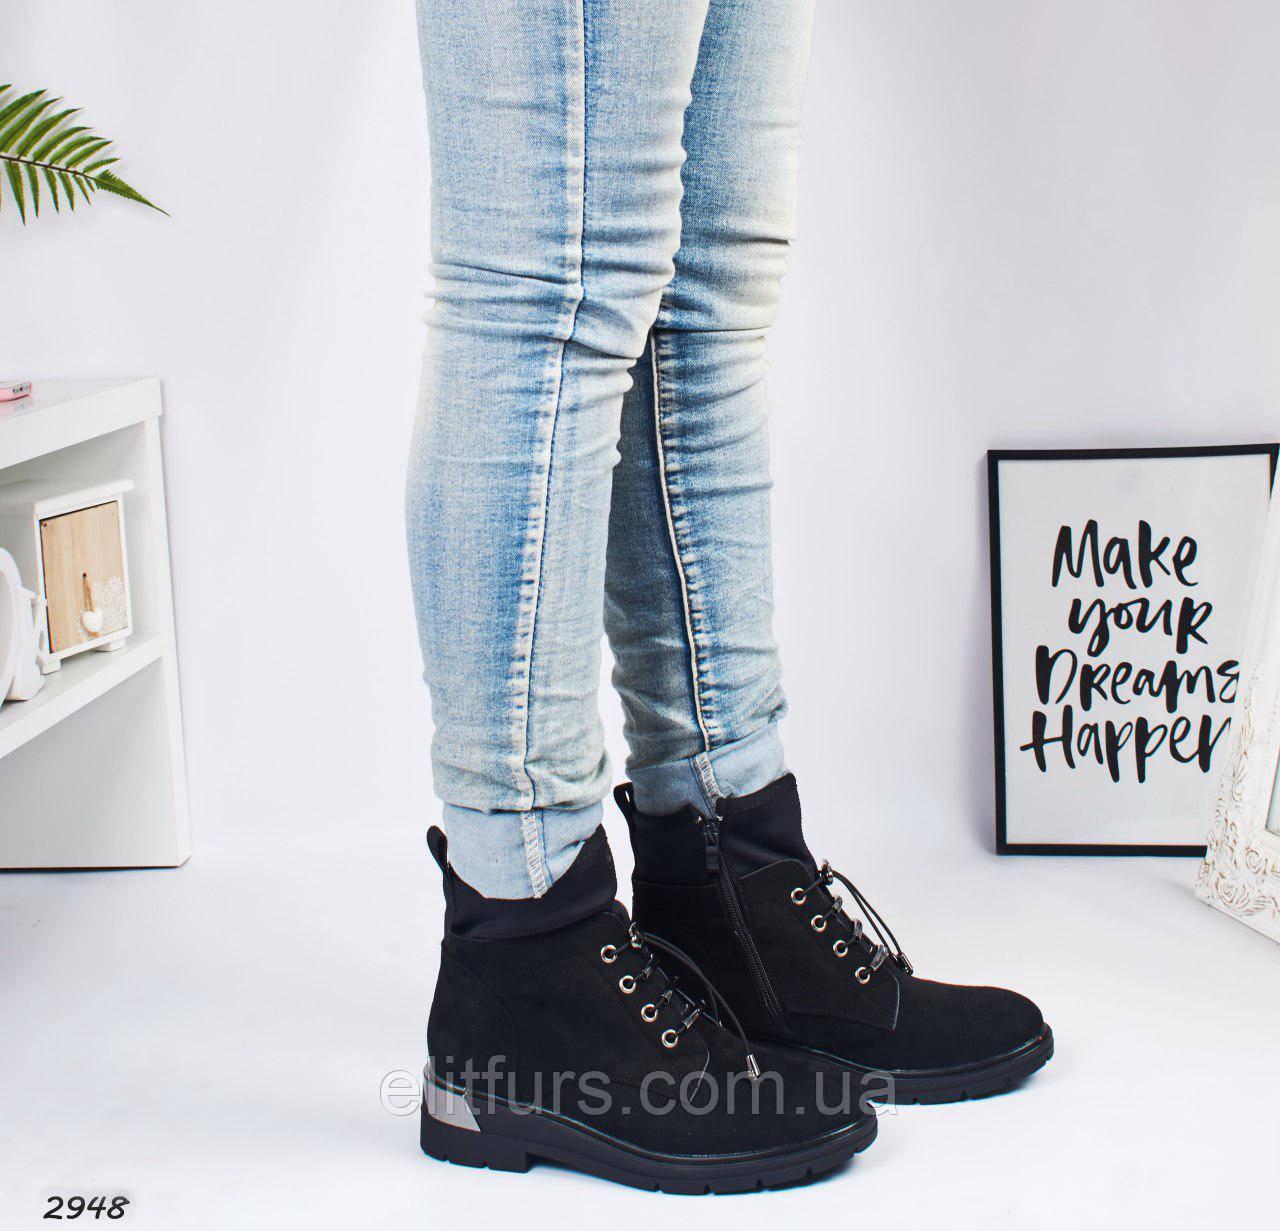 Ботинки демисезонные со шнуровкой, эко-замш+текстиль